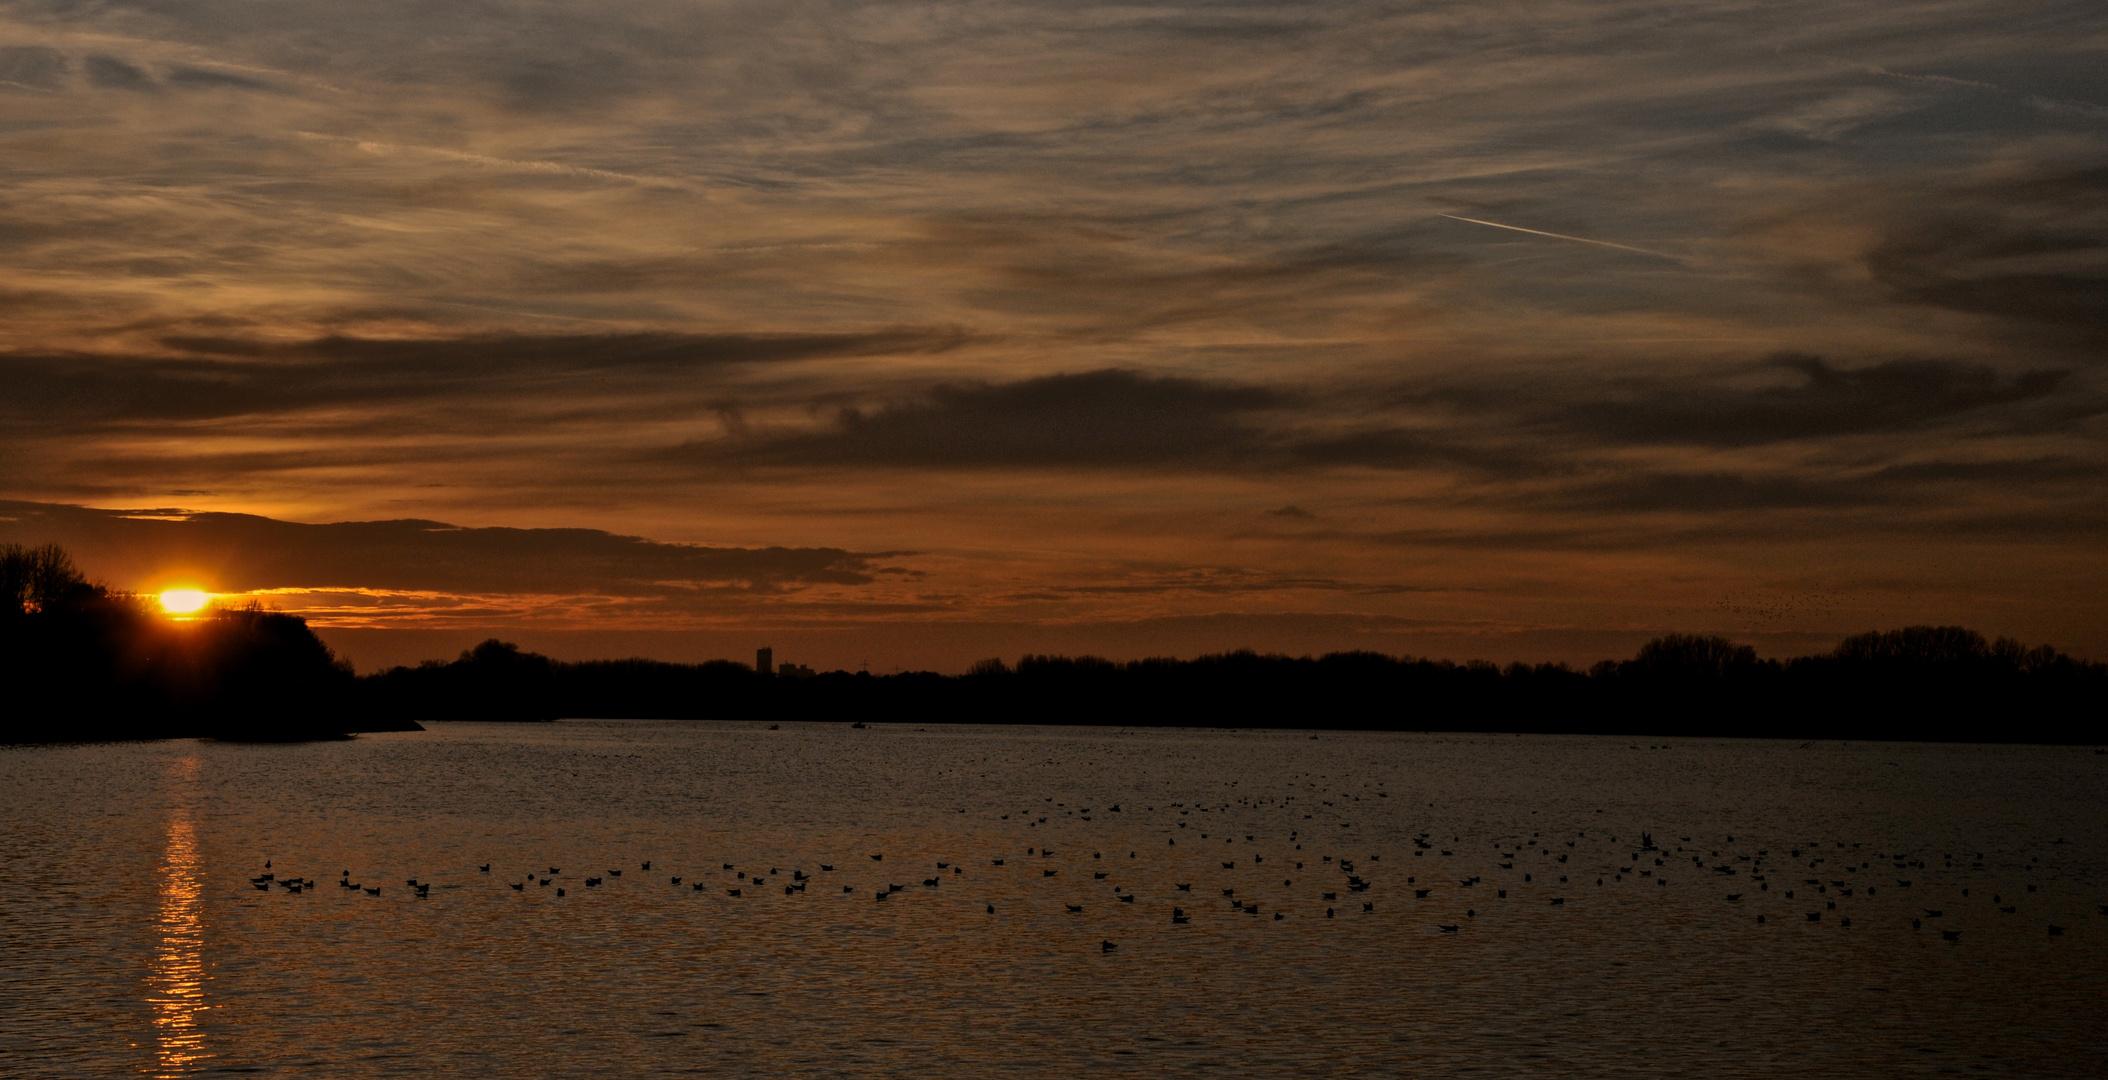 Sonnenuntergang bei Auloh/Landshut